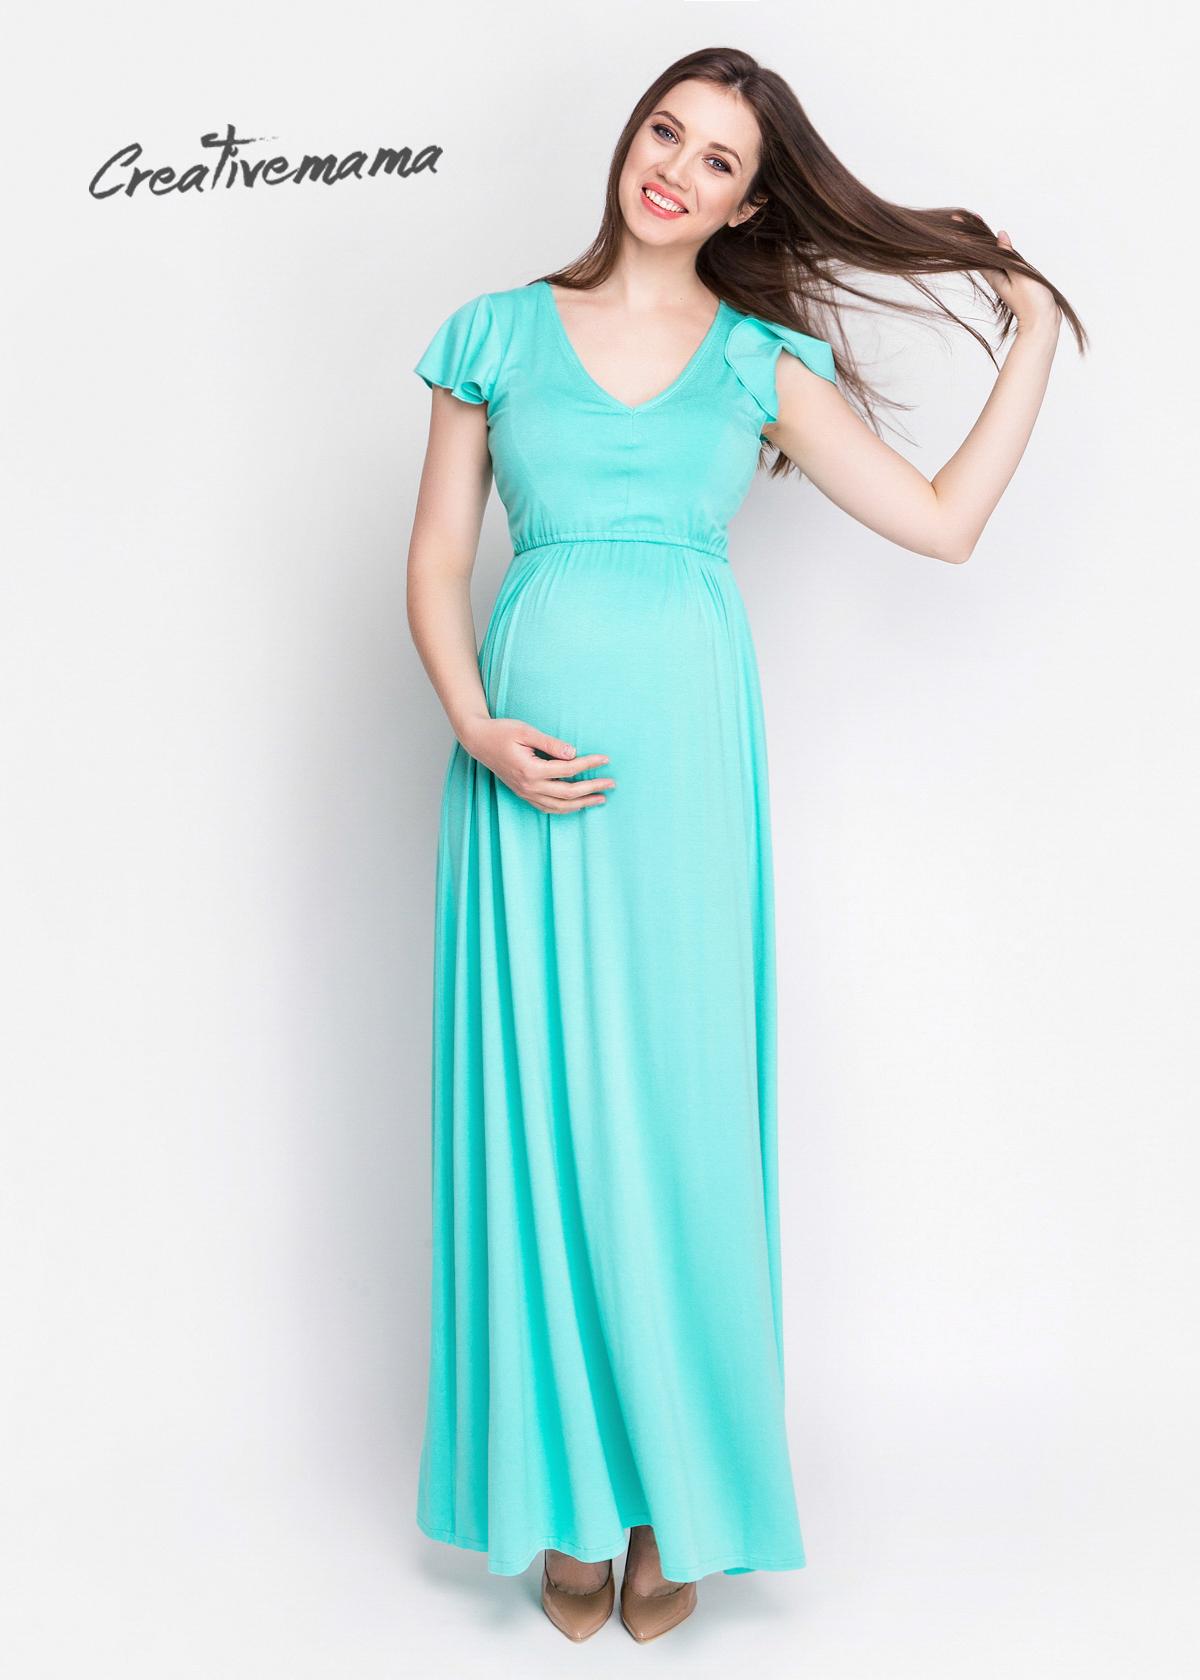 11e2550595cfe64 Модный летний сарафан Mint будущих мам - фото, цена, купить на ...